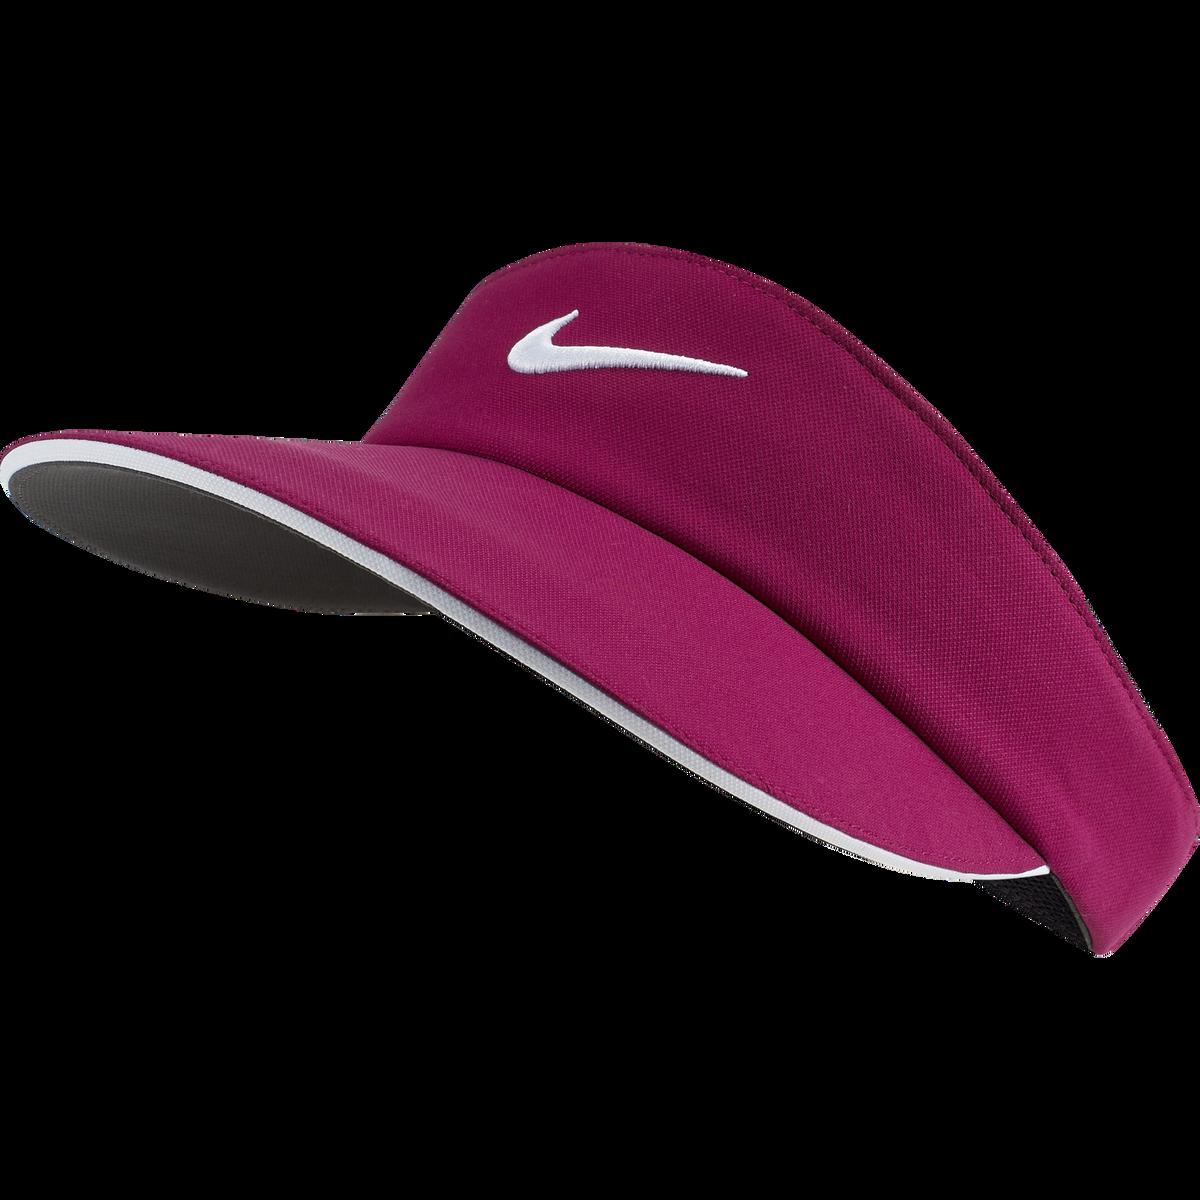 00e685fe6 AeroBill Women's Golf Visor